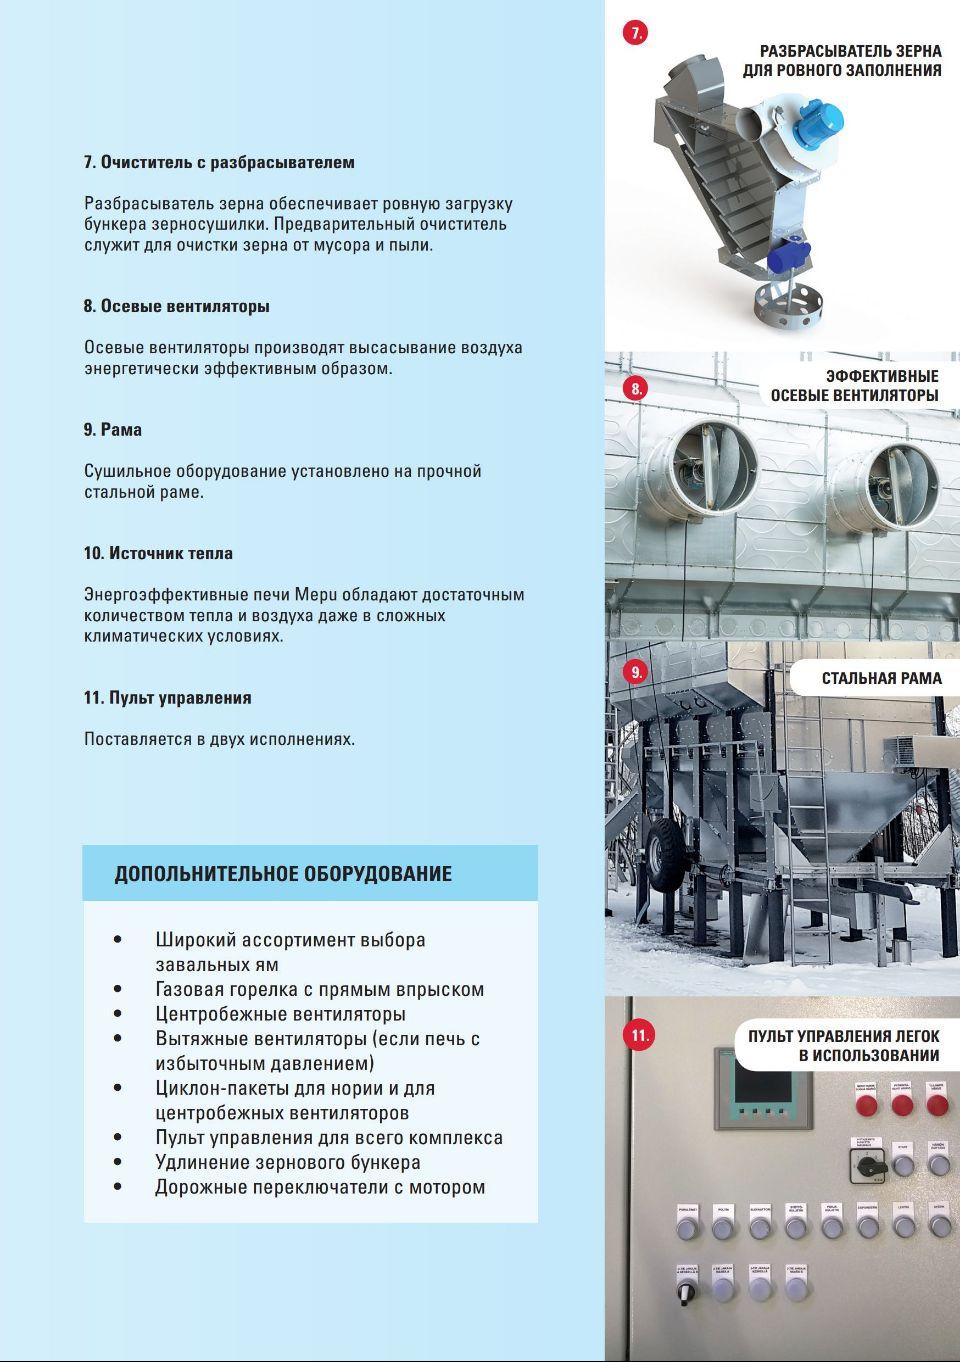 Конструктивные особенности зерносушилок МЕПУ серии М